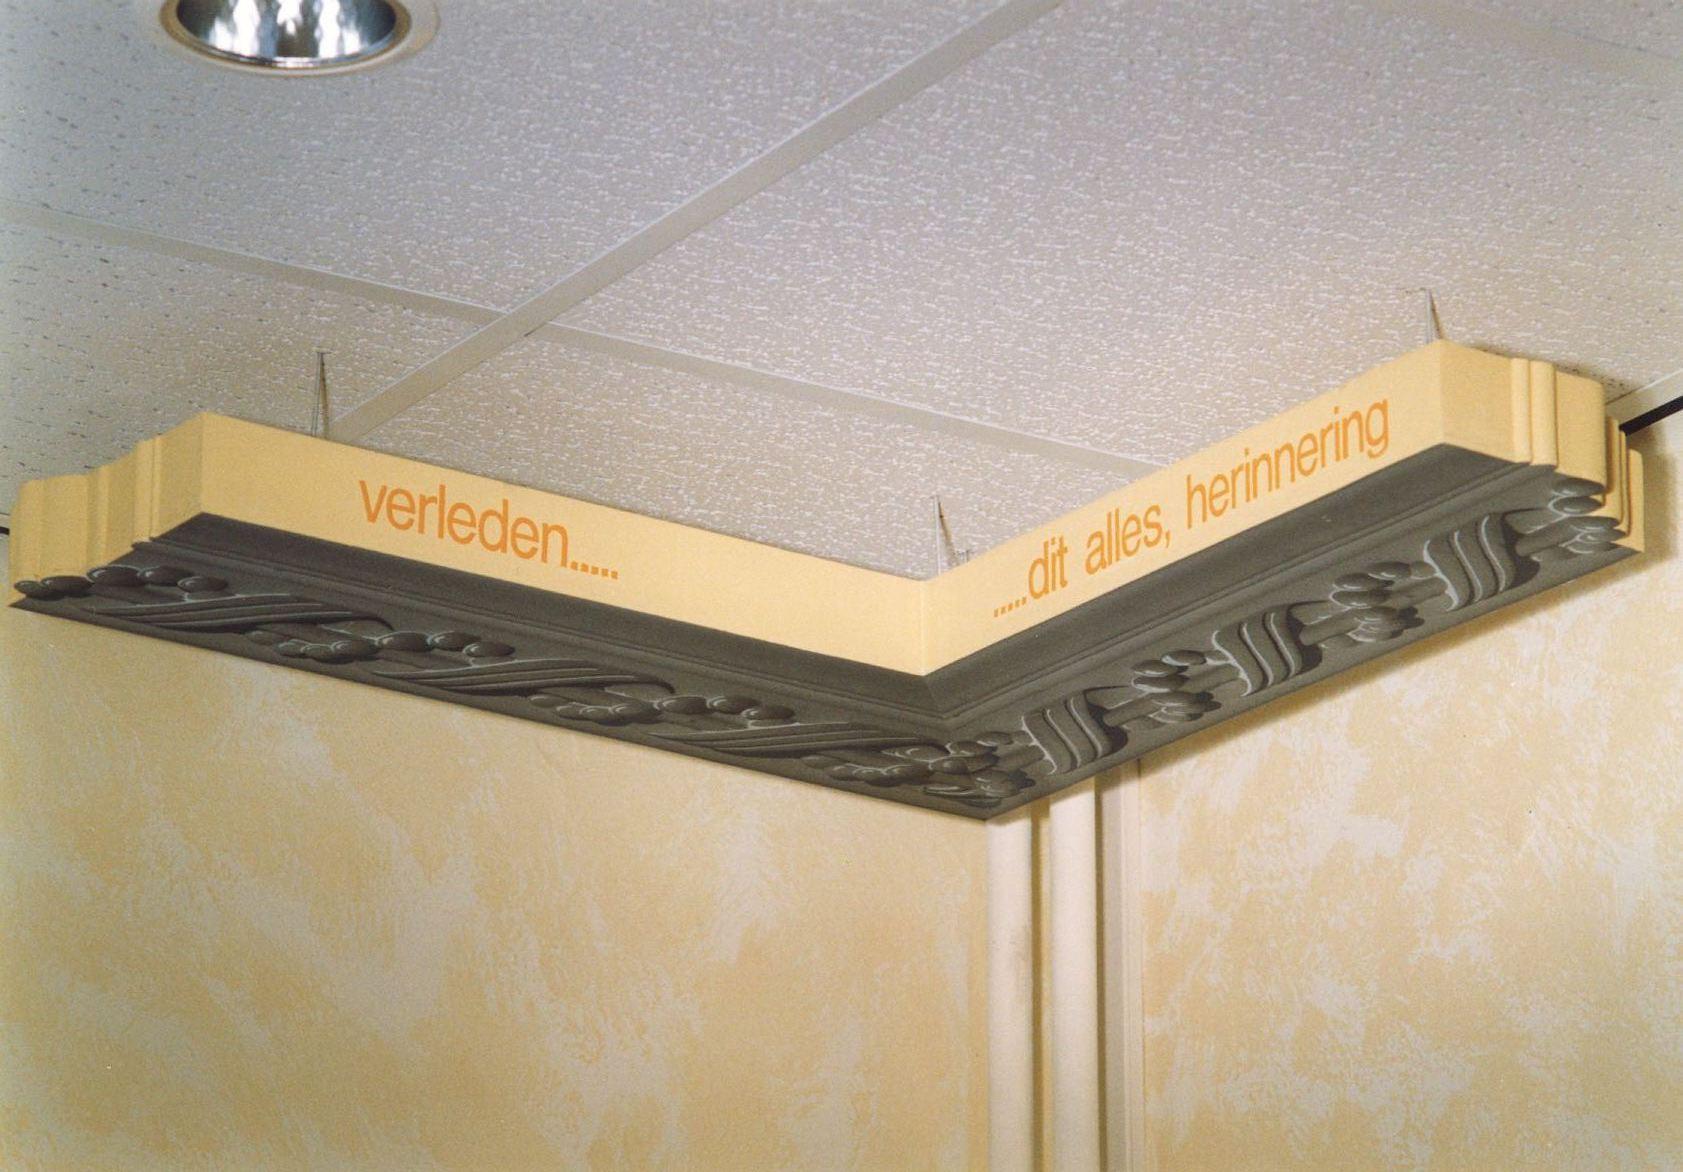 1999-Fotowerk, tandartspraktijk R'dam, bewerkte foto's, schuimplaat